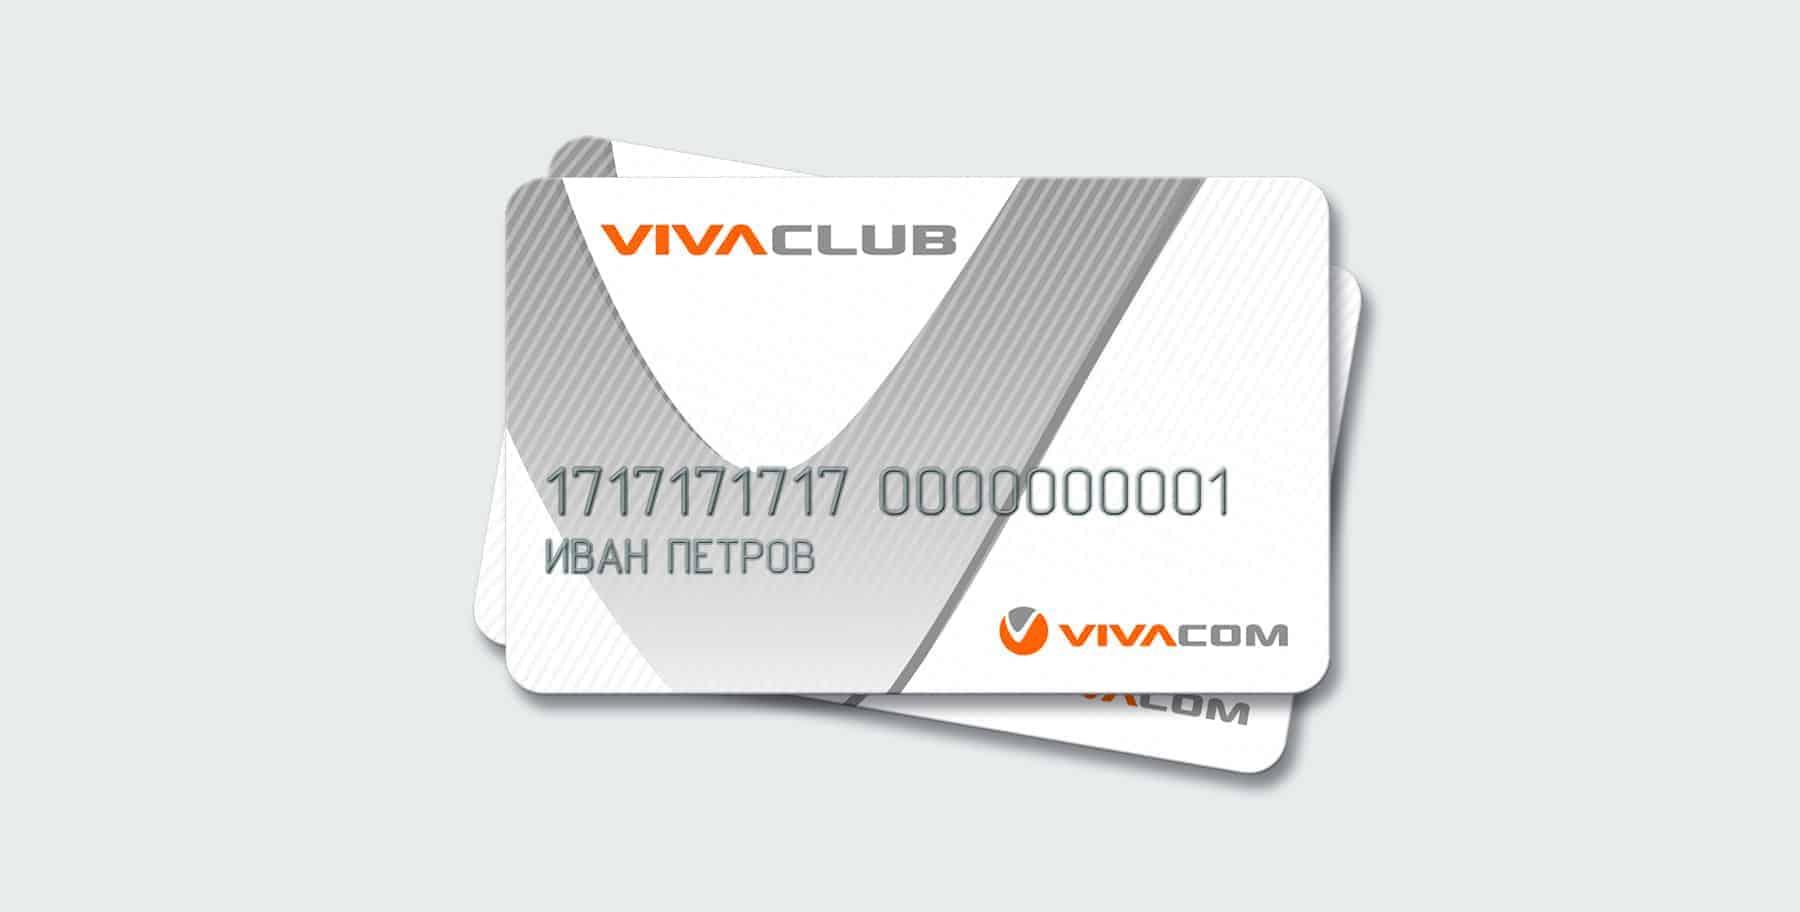 synevo vivaclub